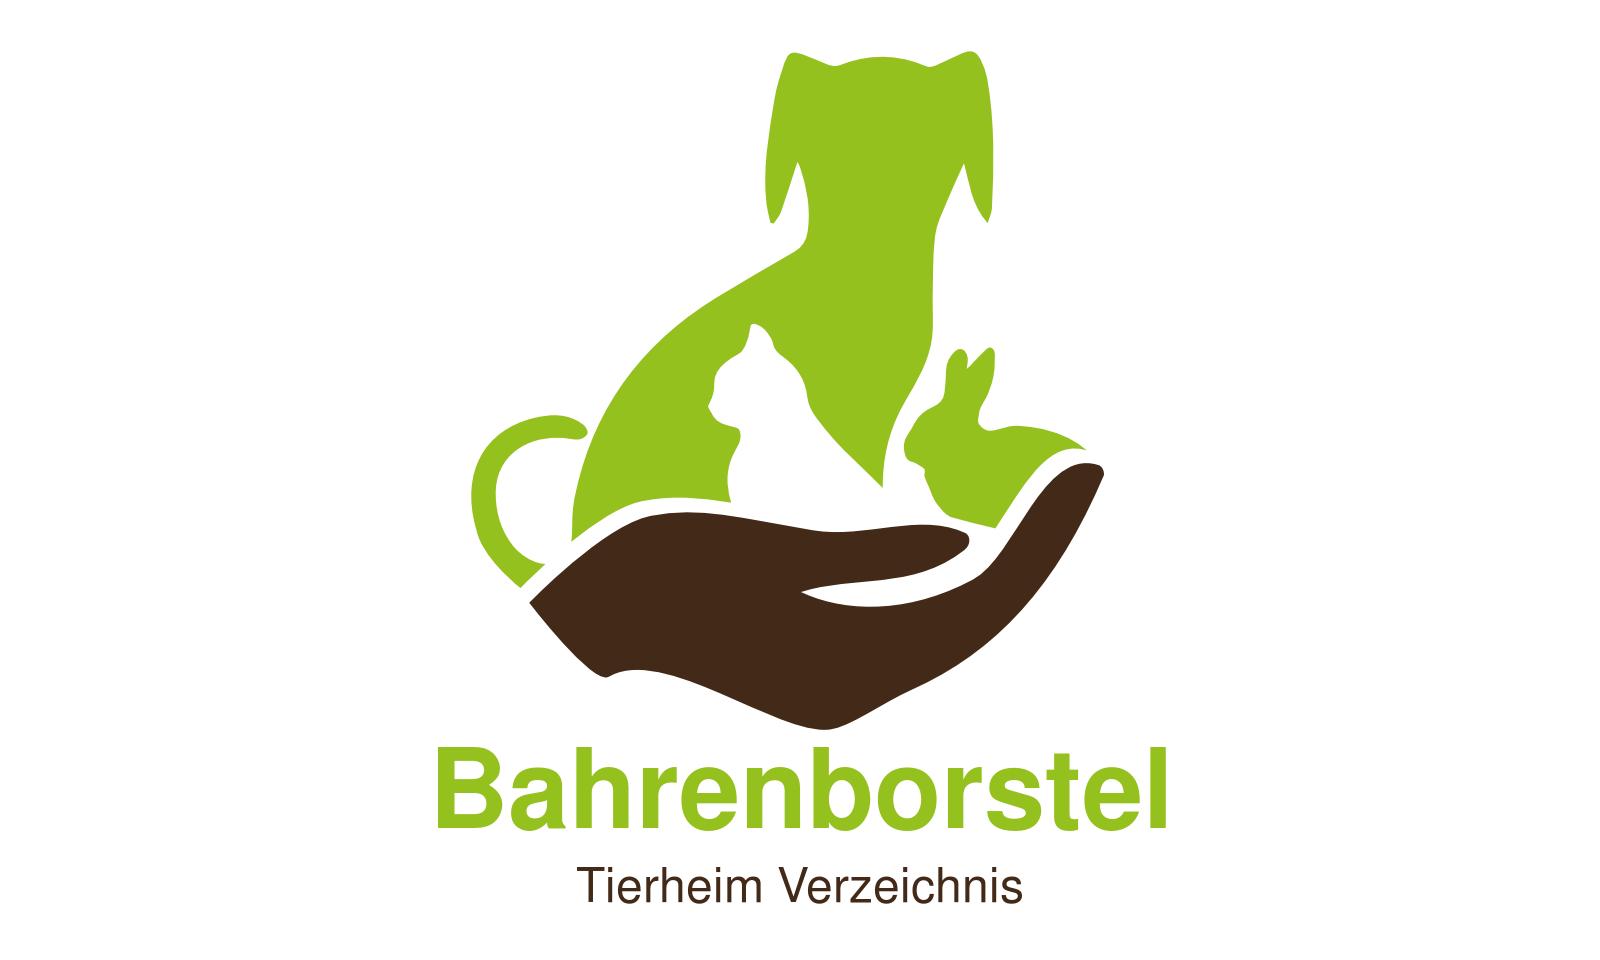 Tierheim Bahrenborstel